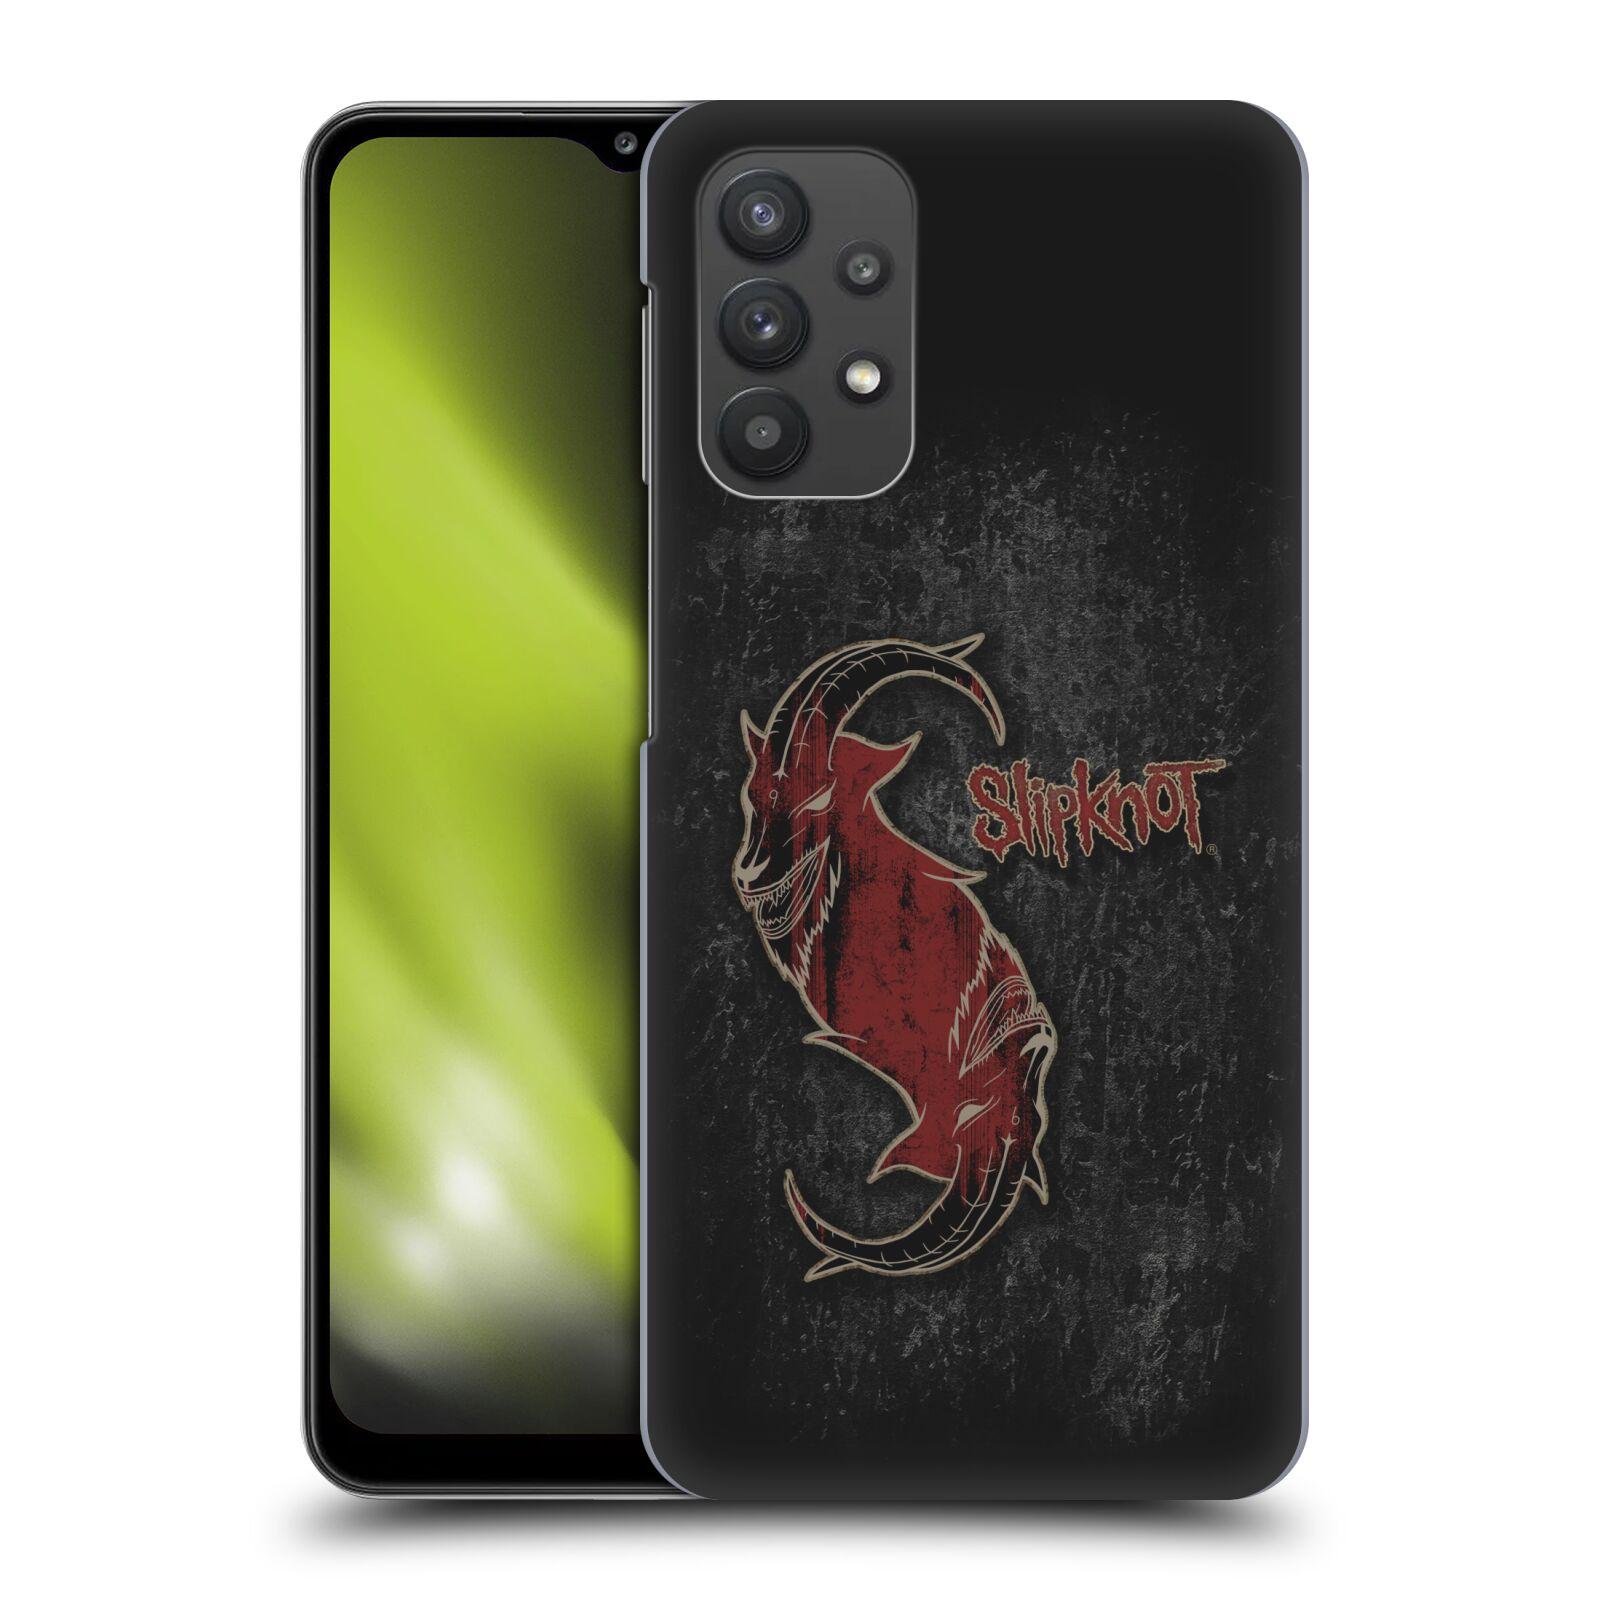 Plastové pouzdro na mobil Samsung Galaxy A32 5G - Head Case - Slipknot - Rudý kozel